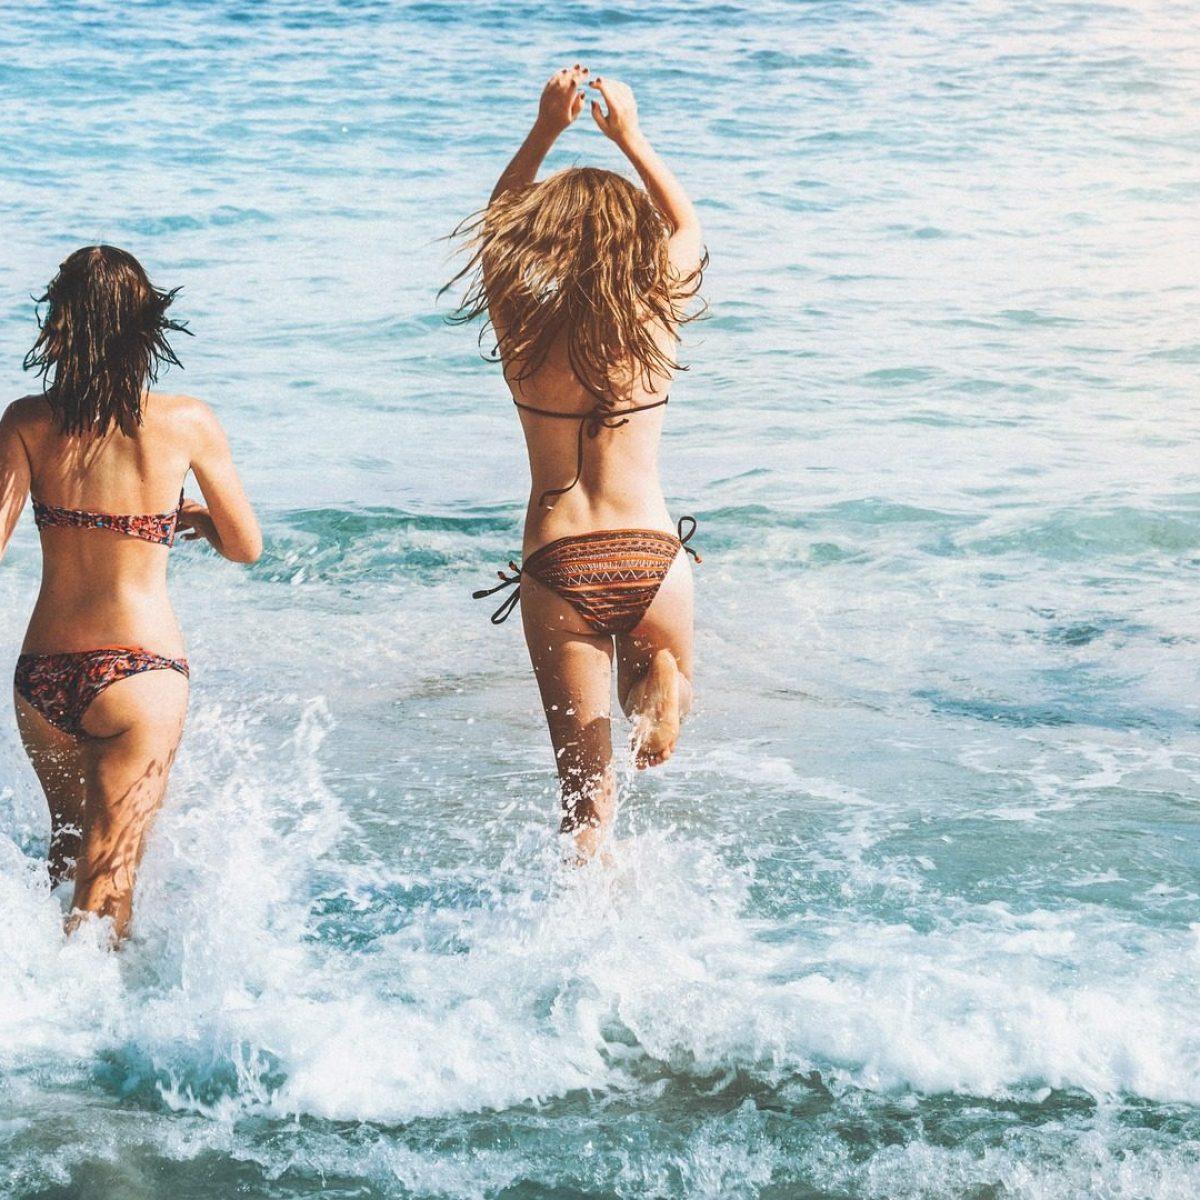 SHEKINI Donne Un Pezzo Bikini Donna High Cut Costume Intero Mare e Piscina Costumi da Bagno Donna Intero Beachwear Imbottitura Estraibile